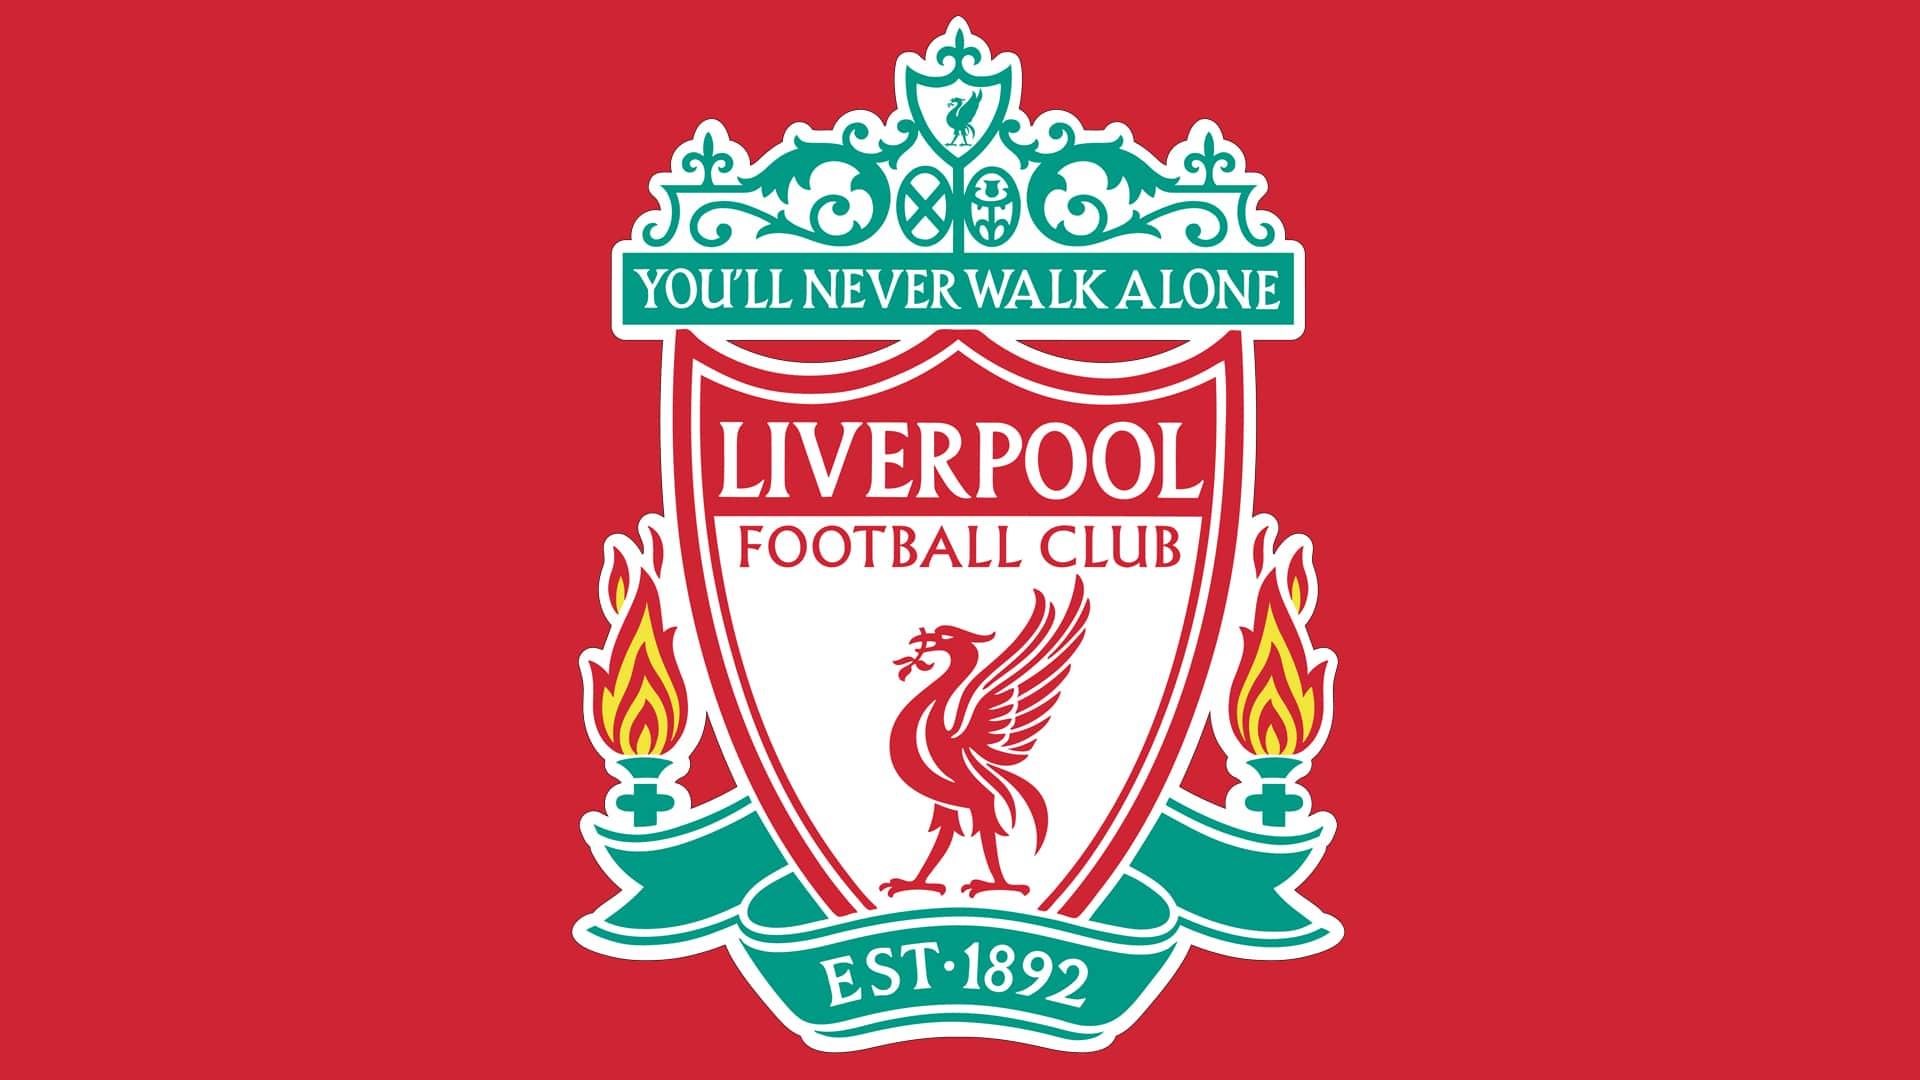 Liverpool assuré d'être champion de Premier League